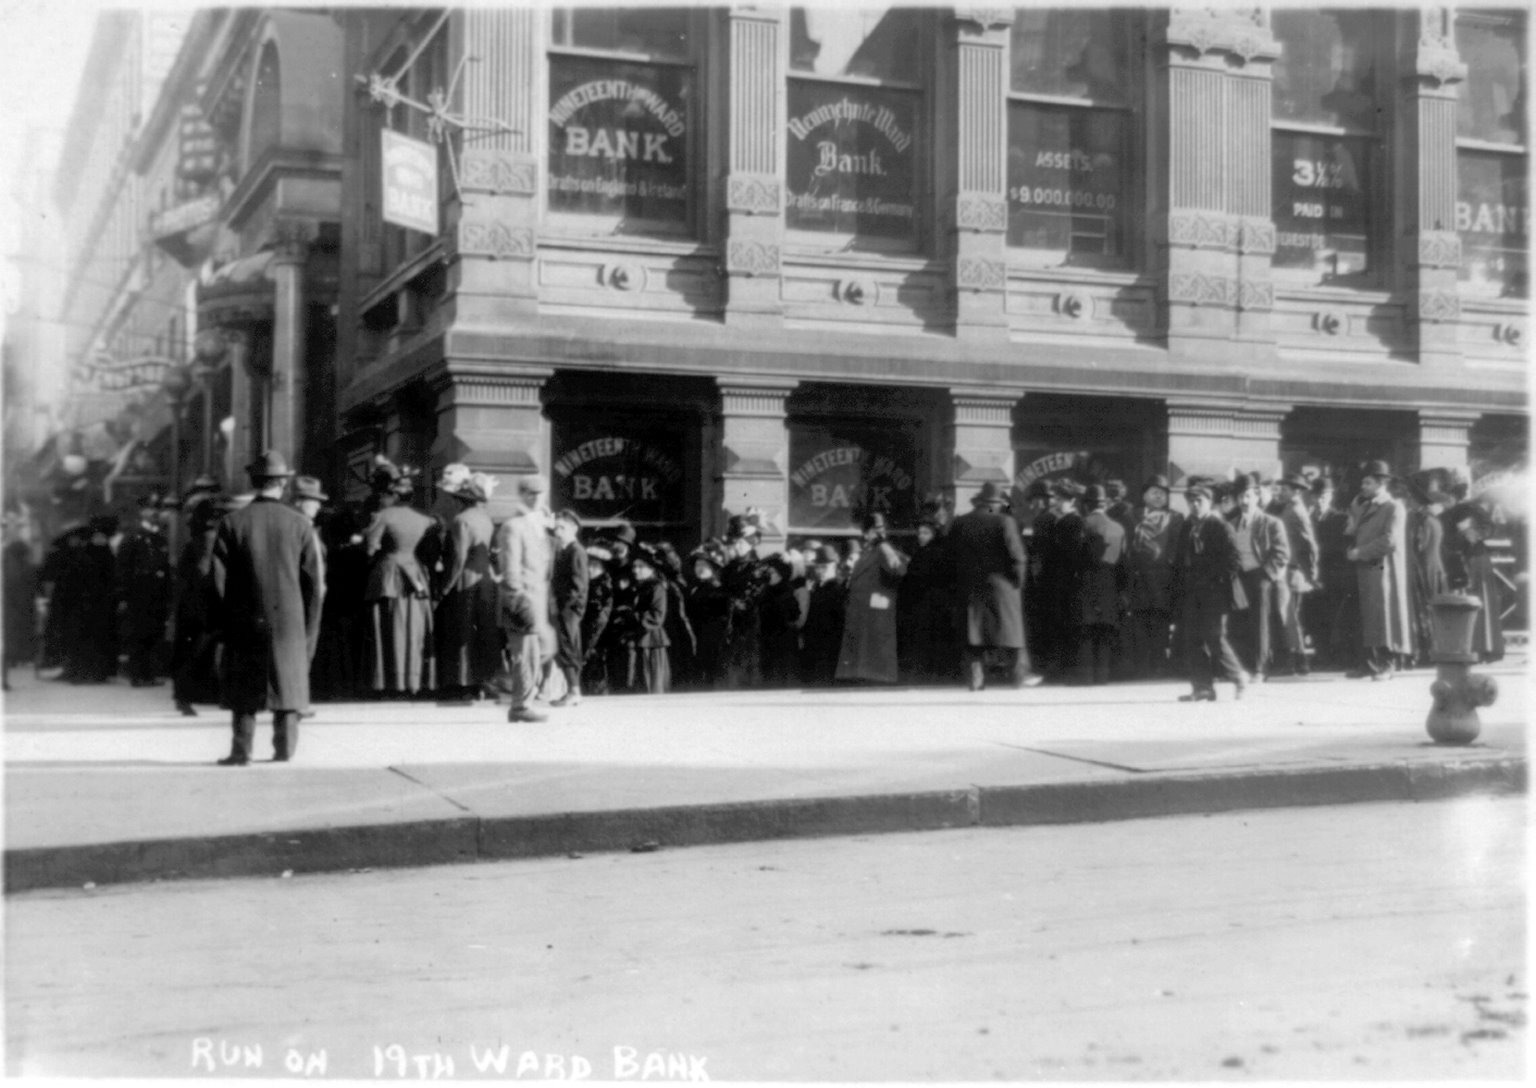 Run on 19th Ward Bank, ca. 1907-1914, Bain Collection (LOC)